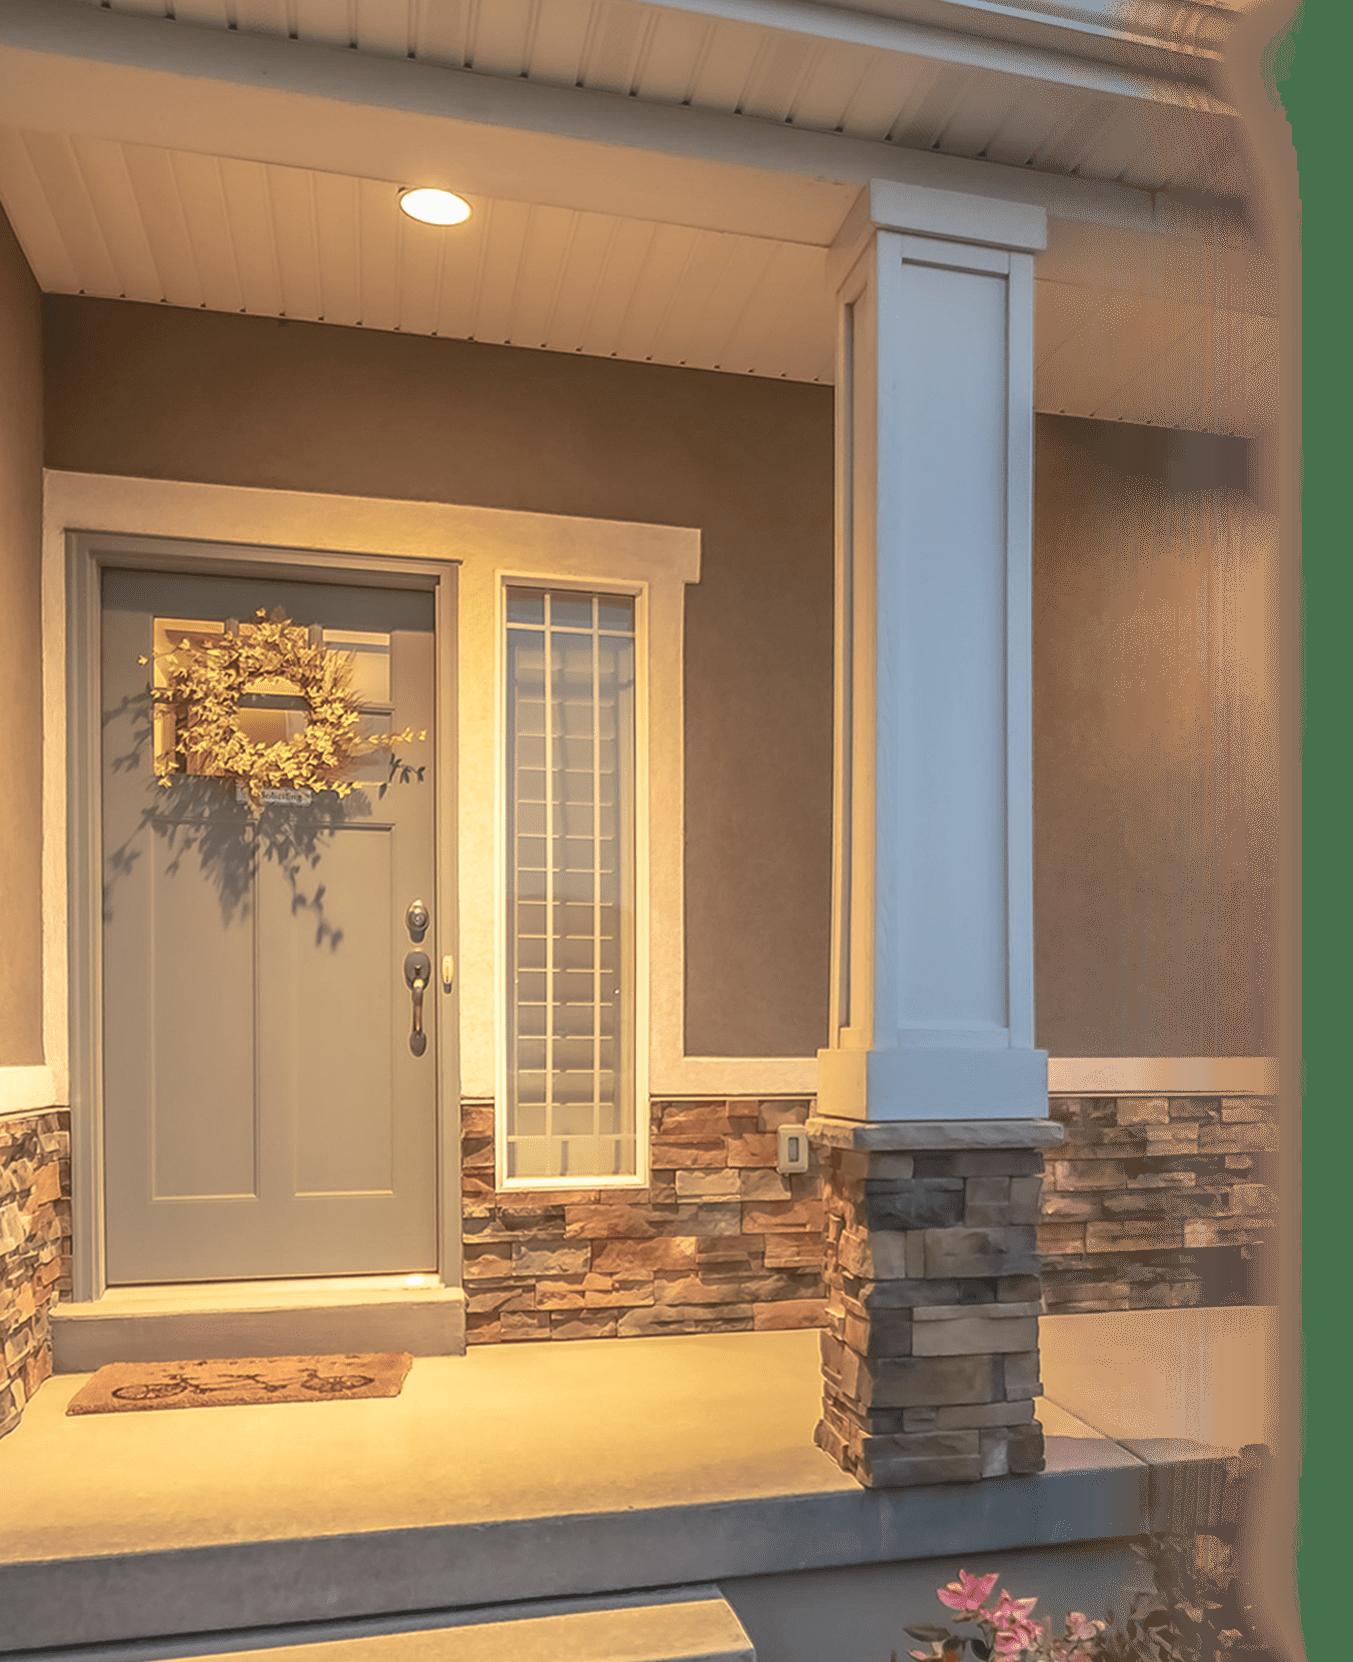 Evermark stile and rail wood doors